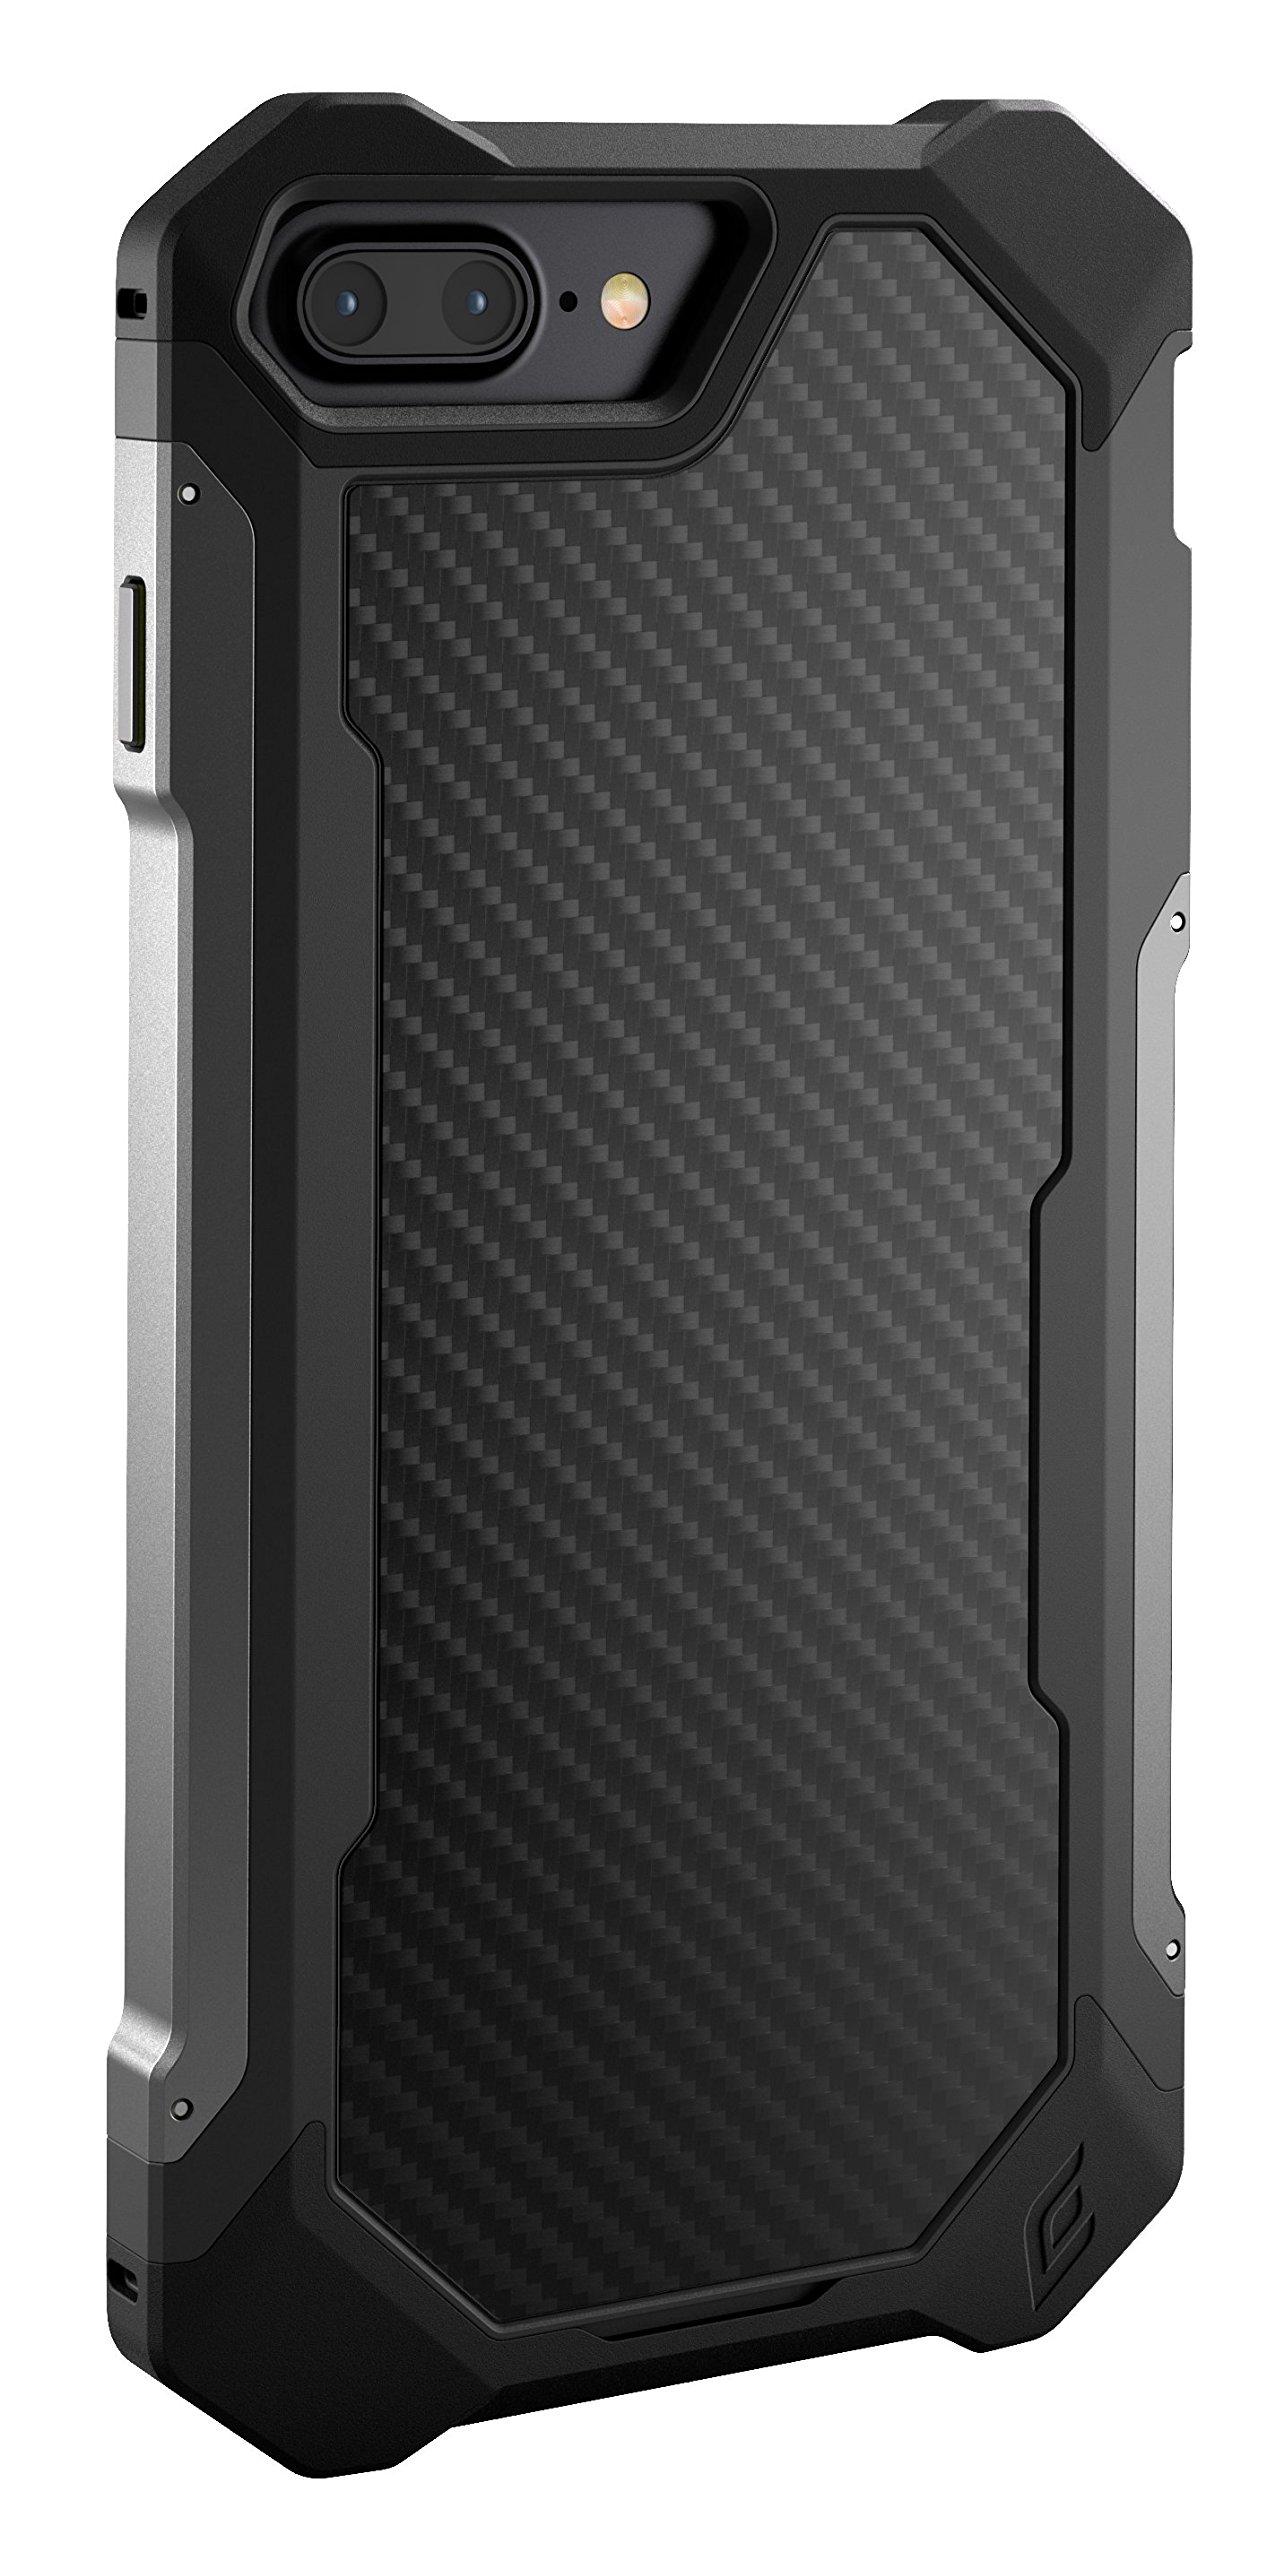 Element Case Sector Mil-Spec Drop Tested Case for Apple iPhone 8 Plus and 7 Plus - Carbon (EMT-322-133EZ-02)